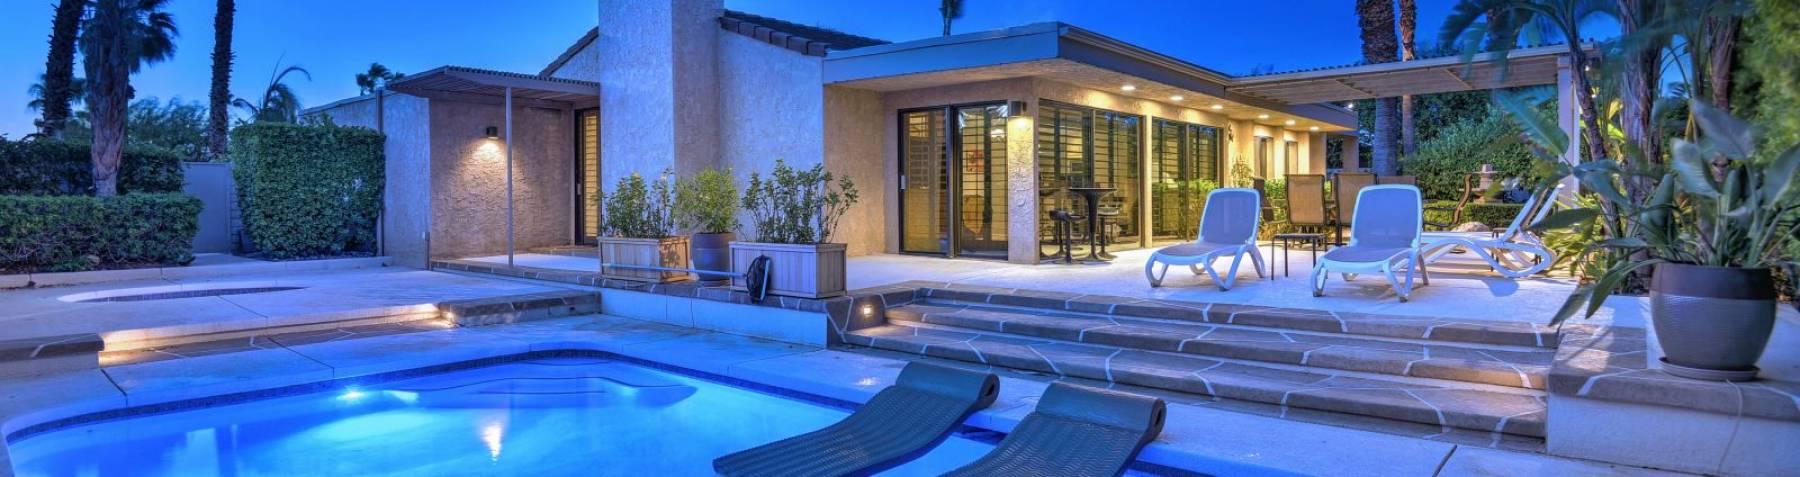 Home Rental in Palm Springs